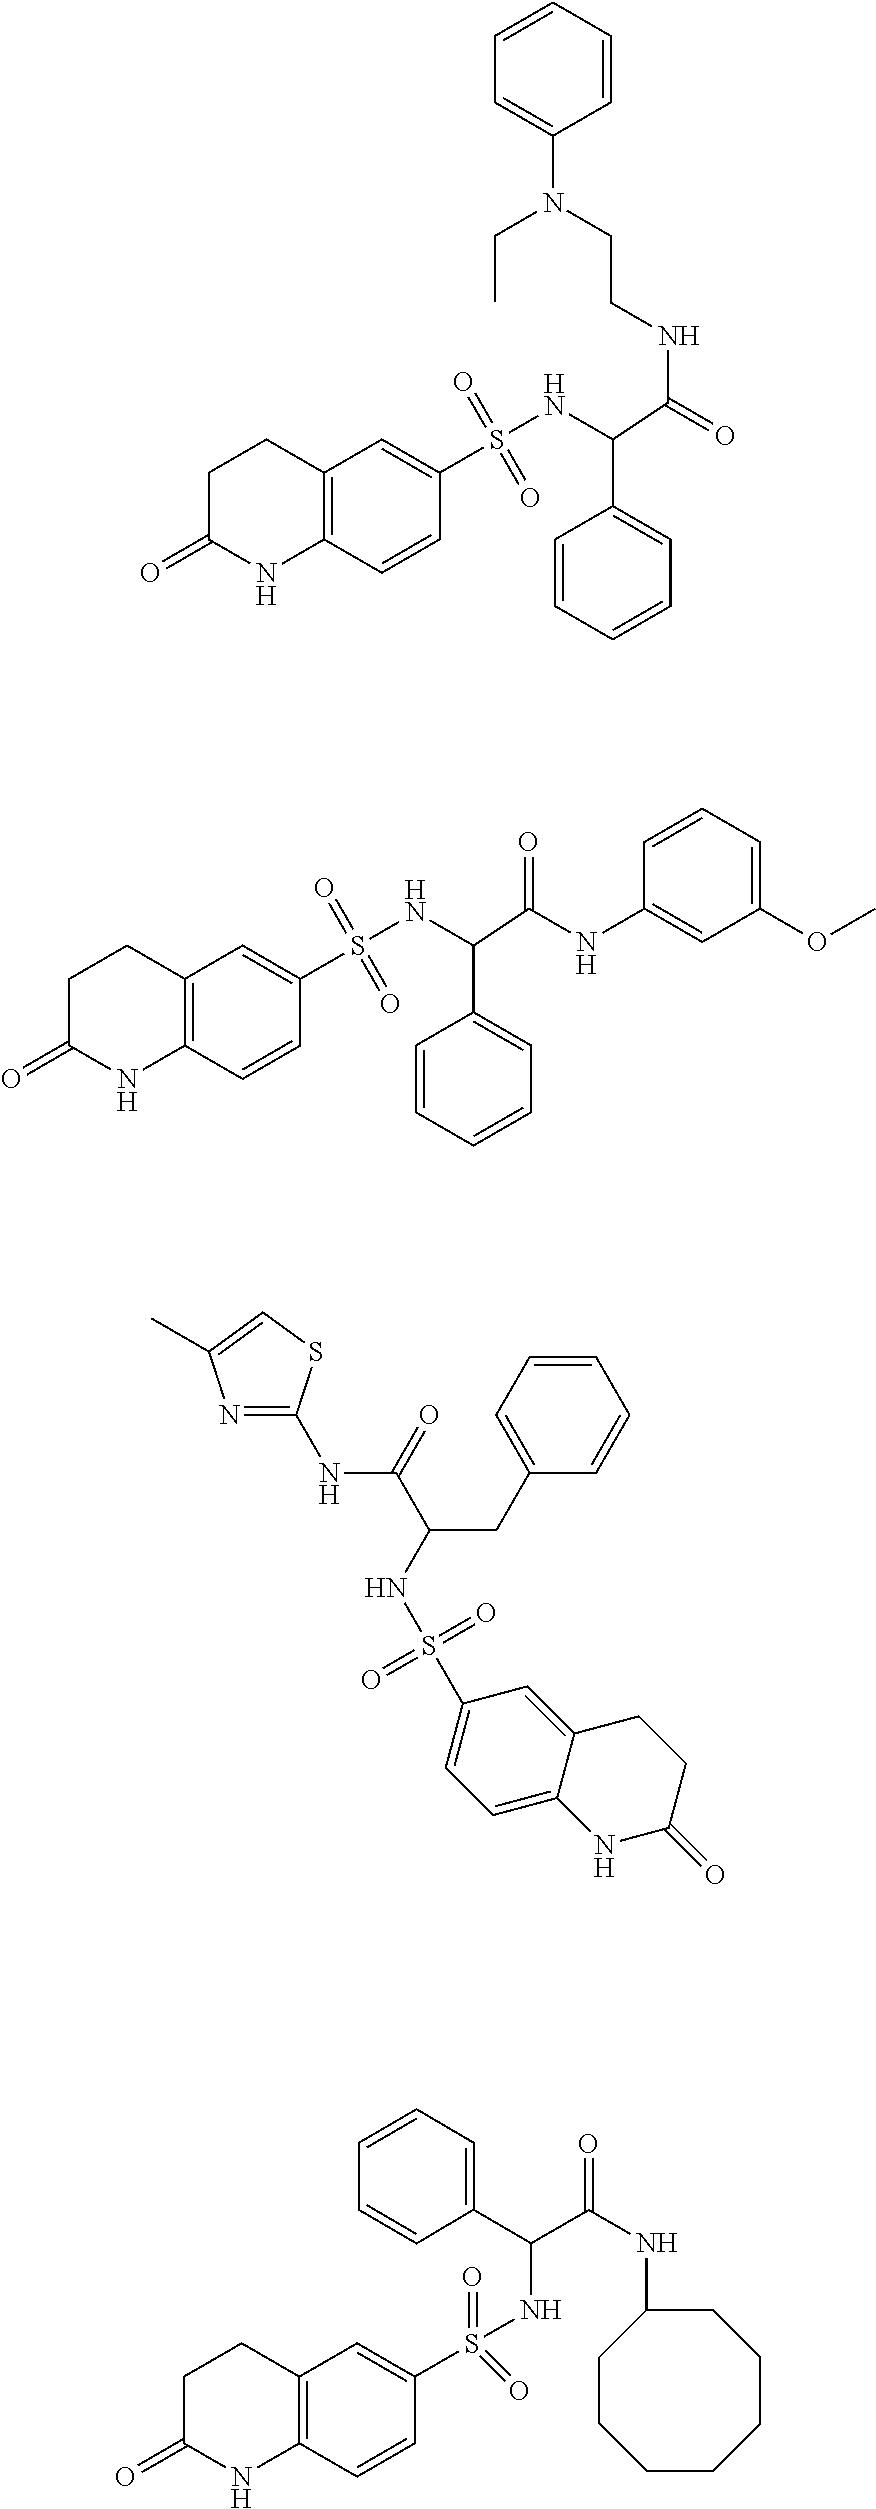 Figure US08957075-20150217-C00016